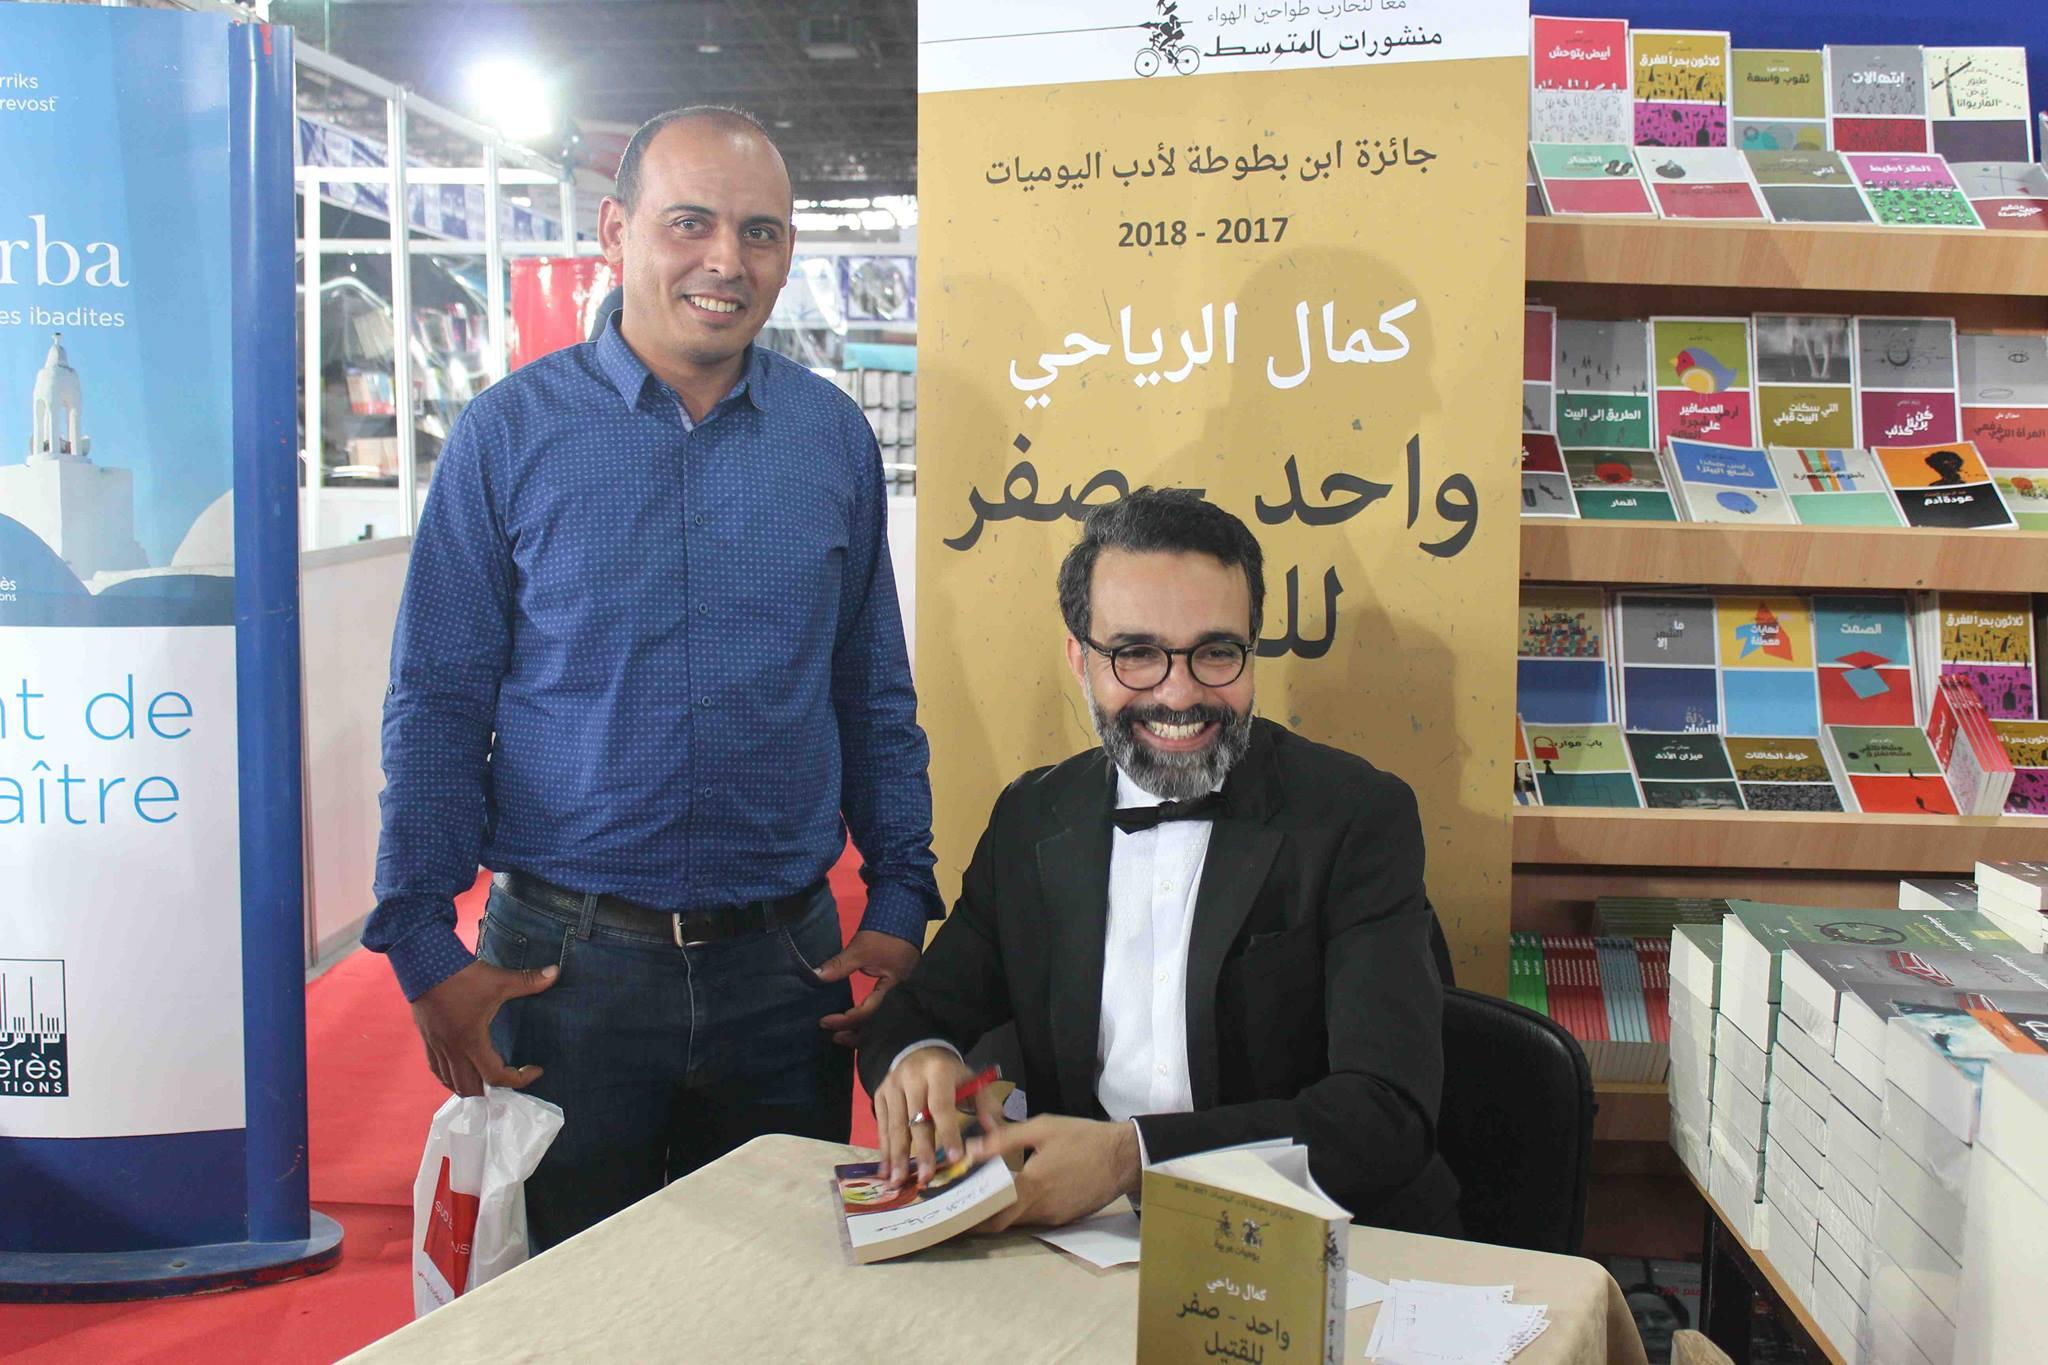 كمال الرياحى يوقع كتابه واحد صفر للقتيل الفائز بجائزة ابن بطوطة فى معرض تونس (20)